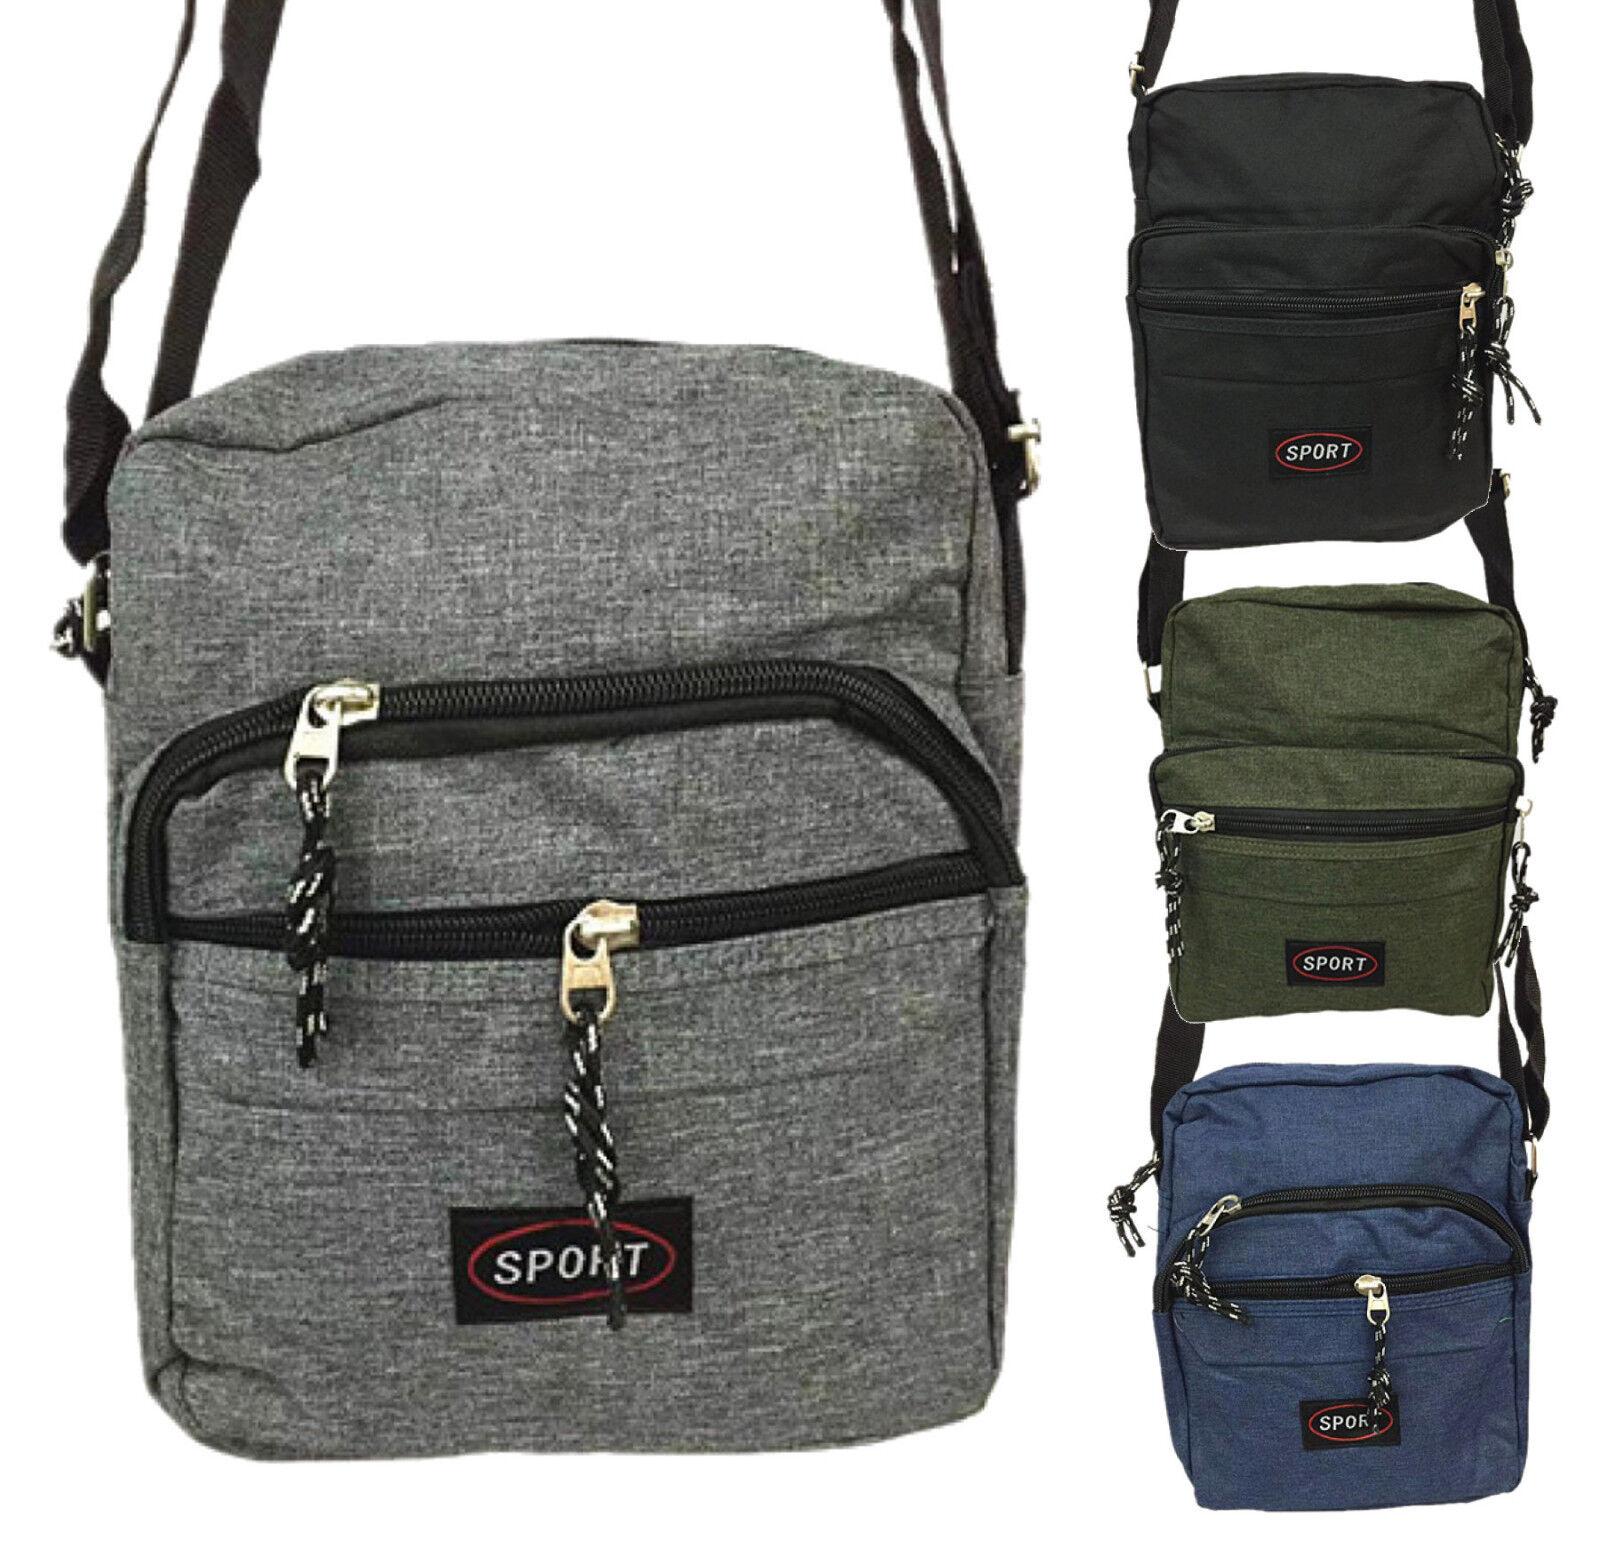 Tasche Damen Herren Umhängetasche Flugbegleiter klein Sport Bag Handtasche 1315